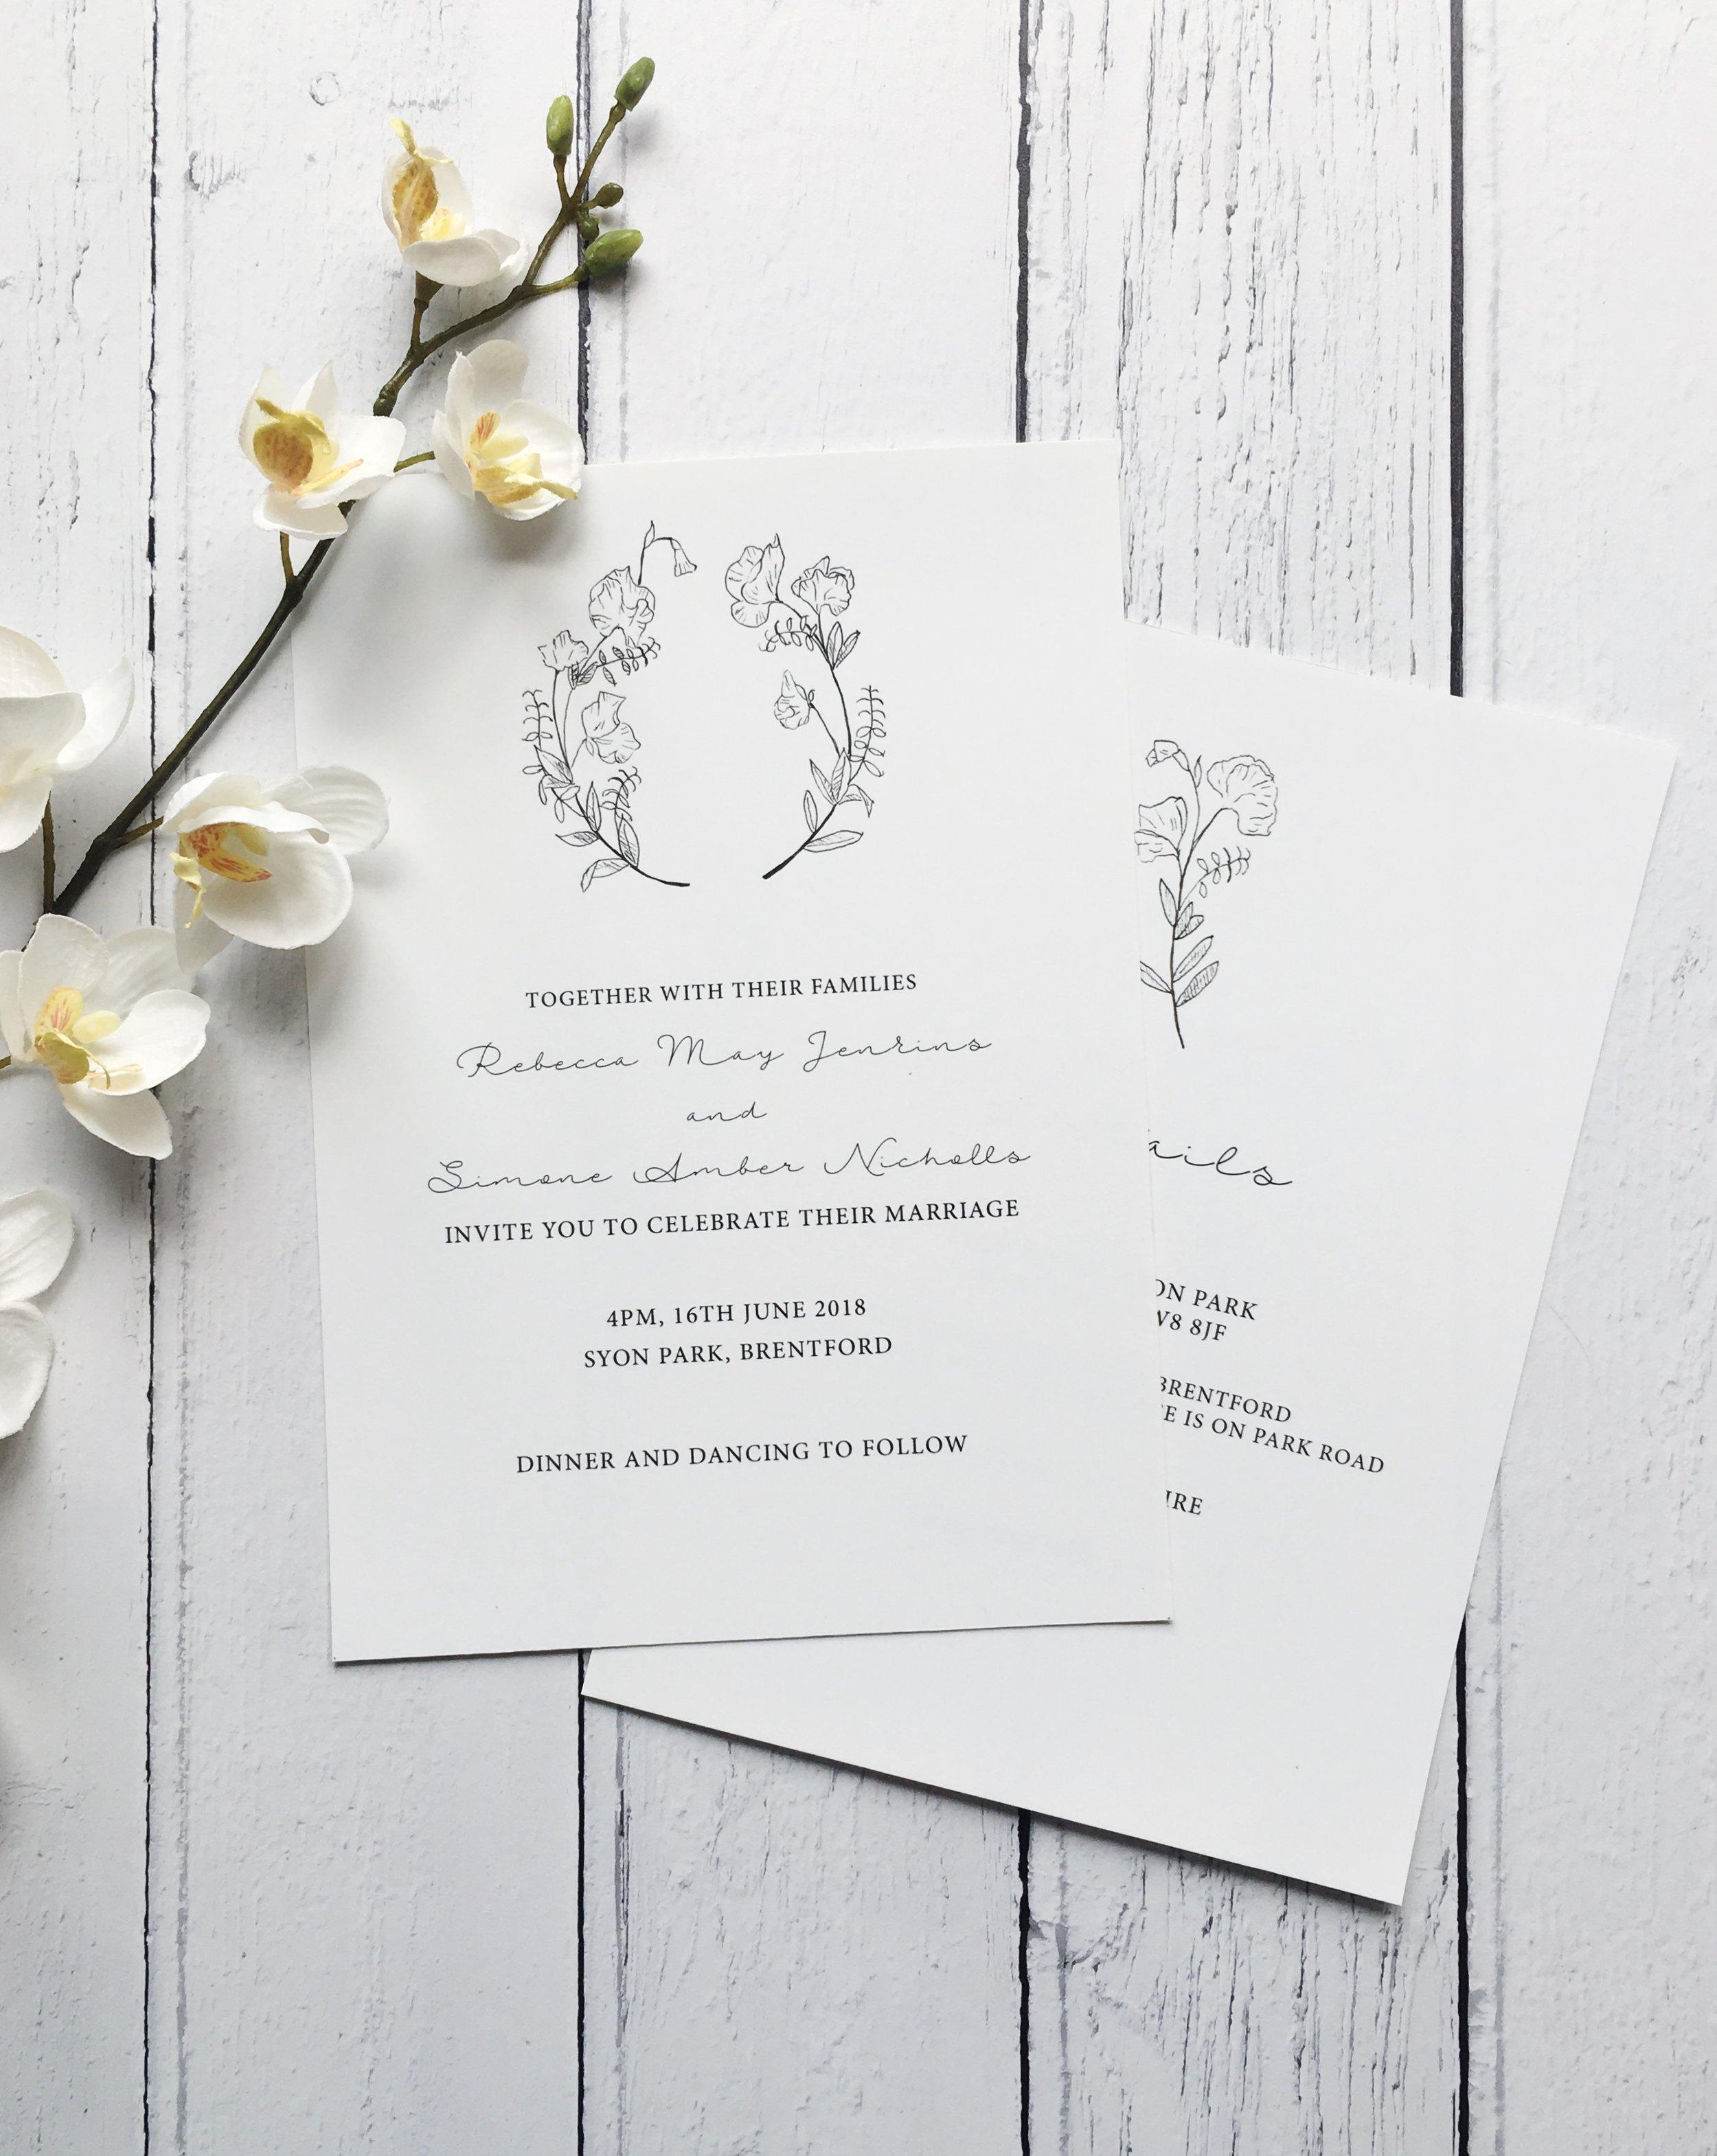 weddingstationeryillustratedsummer.JPG